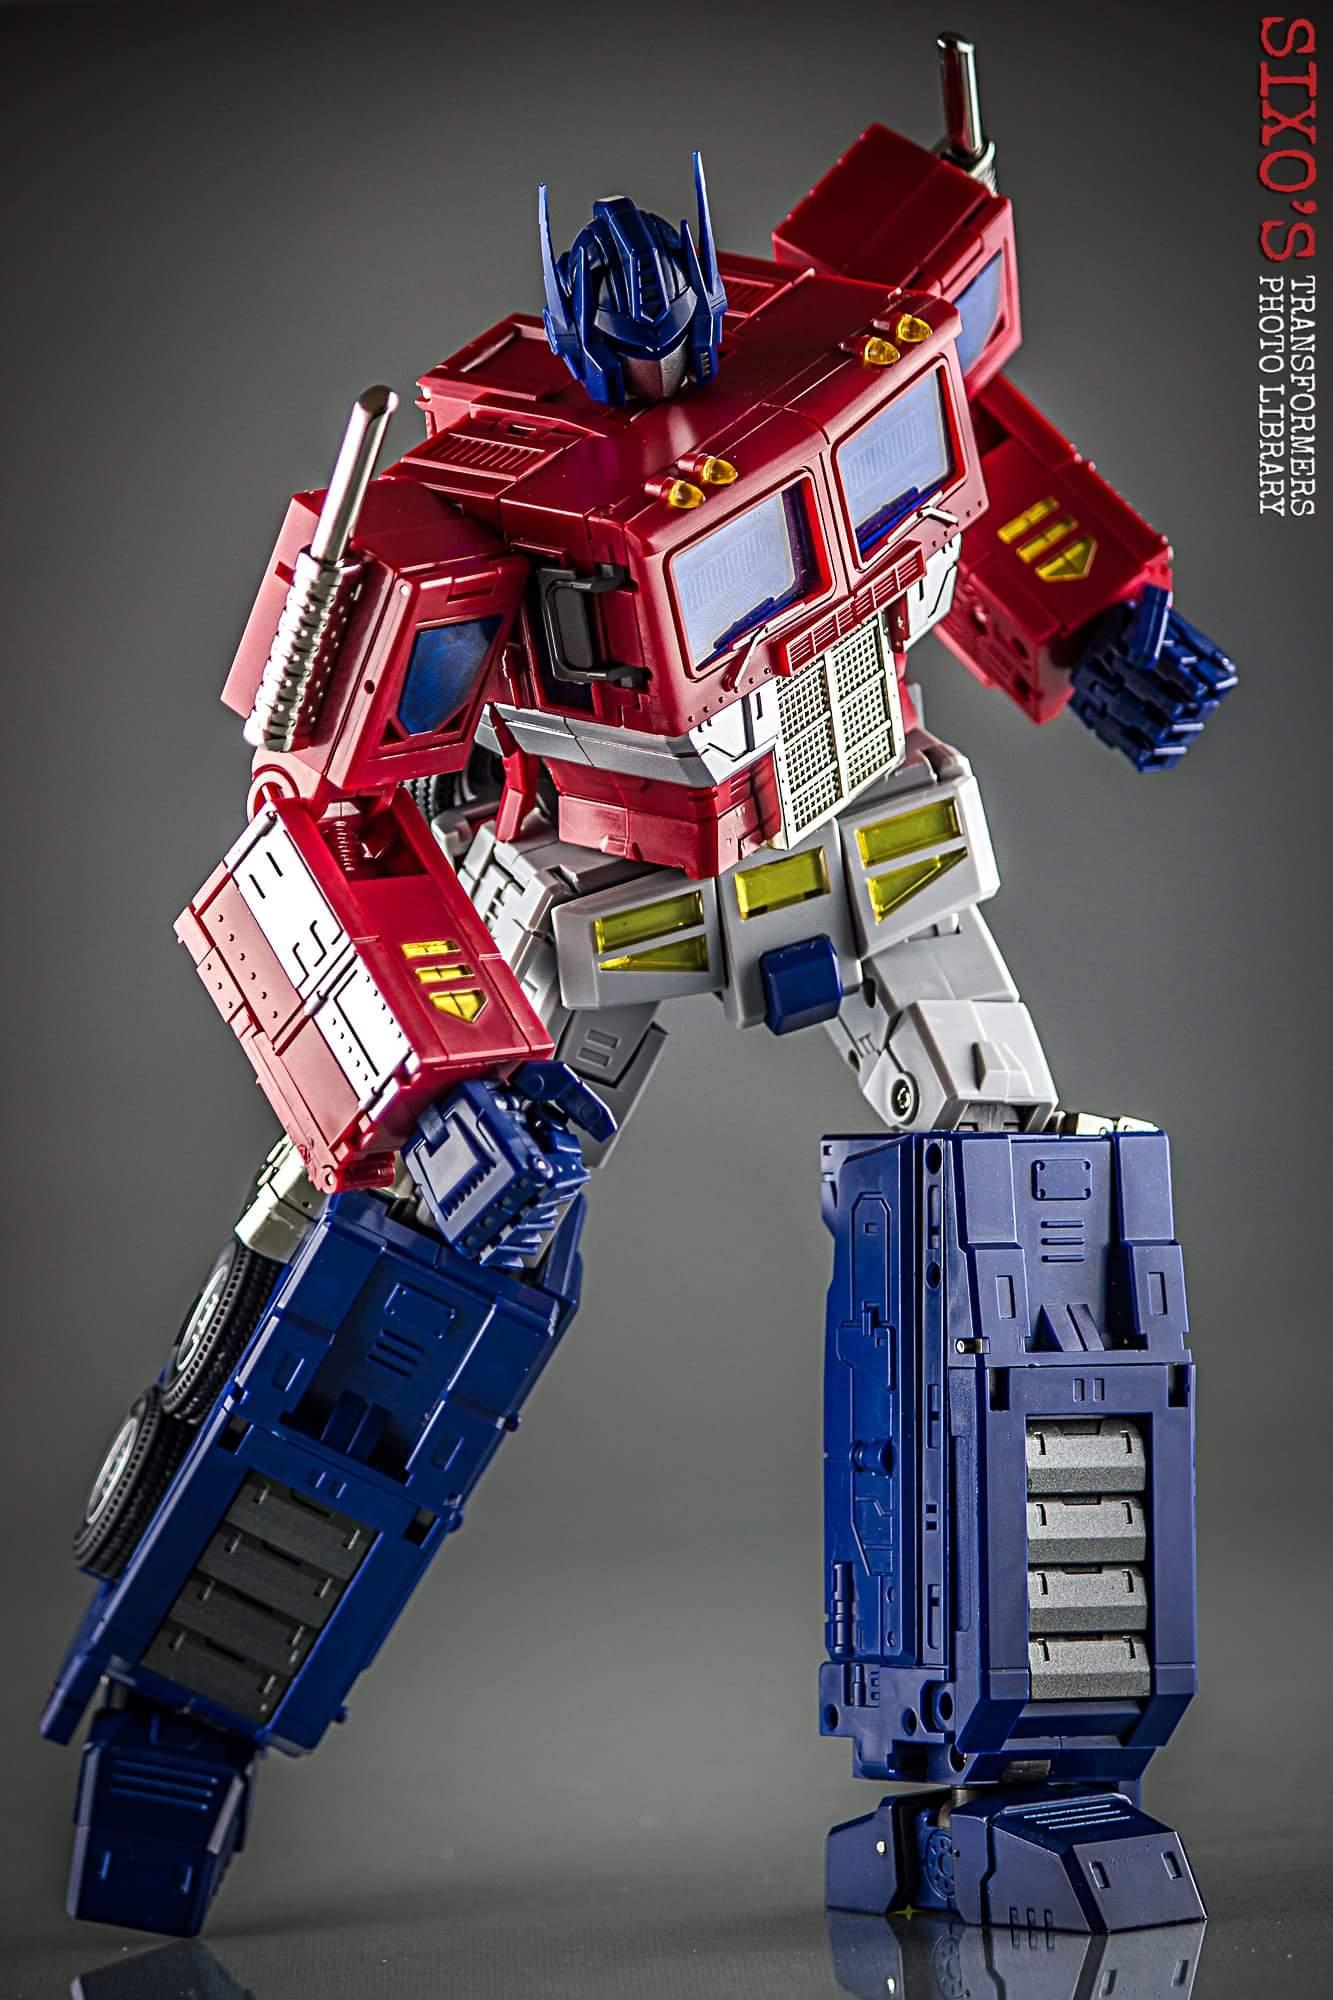 [ToyWorld][ZetaToys] Produit Tiers - TW-M01 Primorion/Zeta-EX6O OriPrime et Zeta -EX6E EvaPrime - aka Optimus (G1 et Evangelion) - Page 2 UBLqVYaY